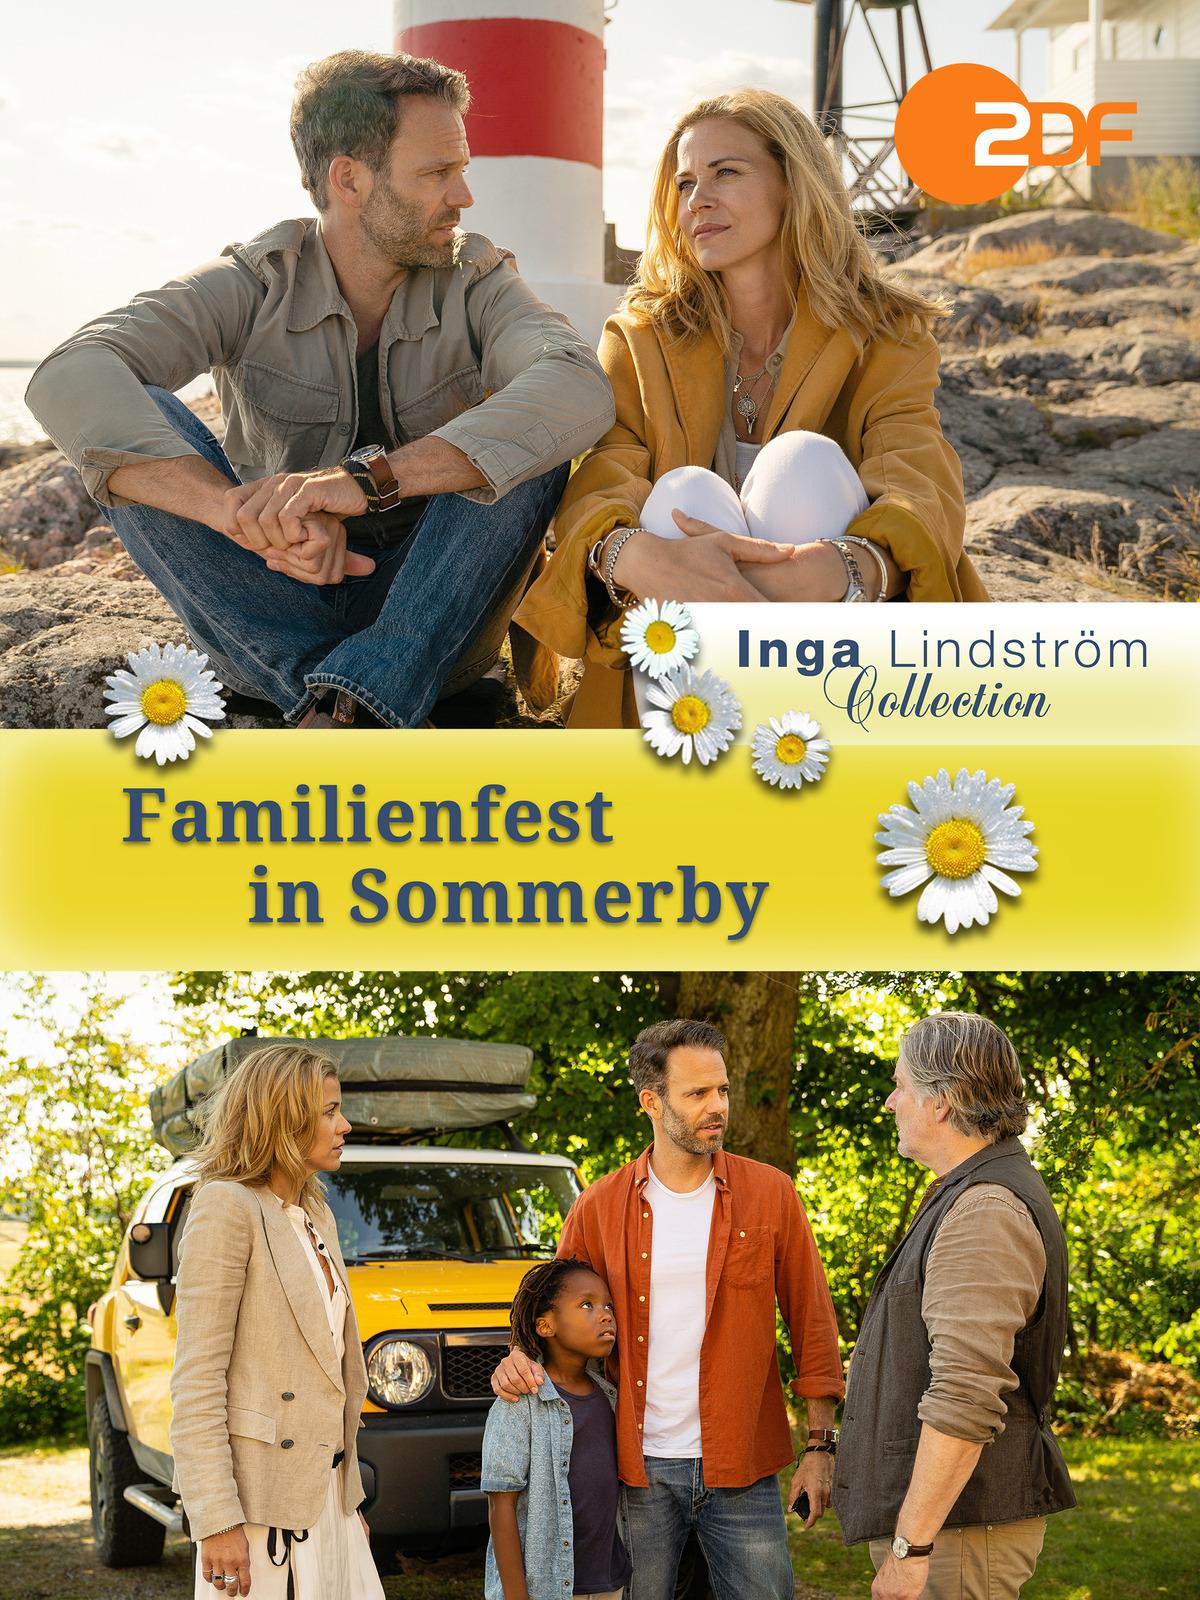 Inga Lindström - Familienfest in Sommerby